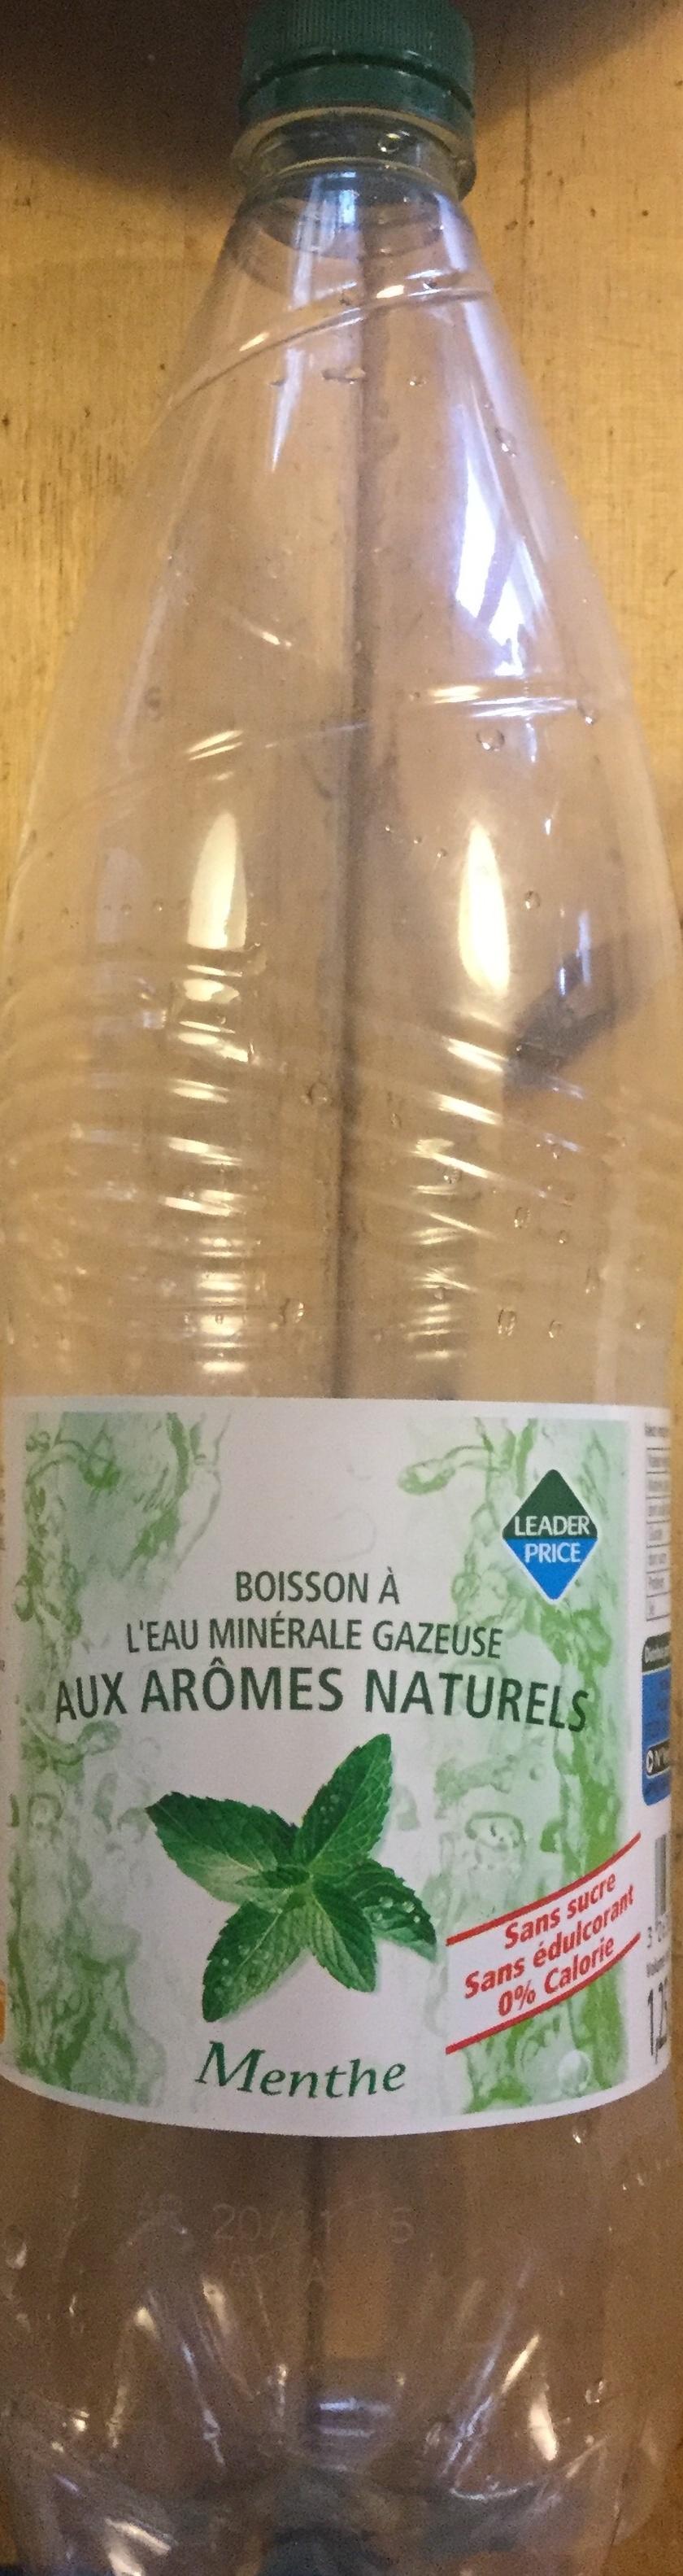 Boisson à l'eau minérale gazeuse aux arômes naturels menthe - Produit